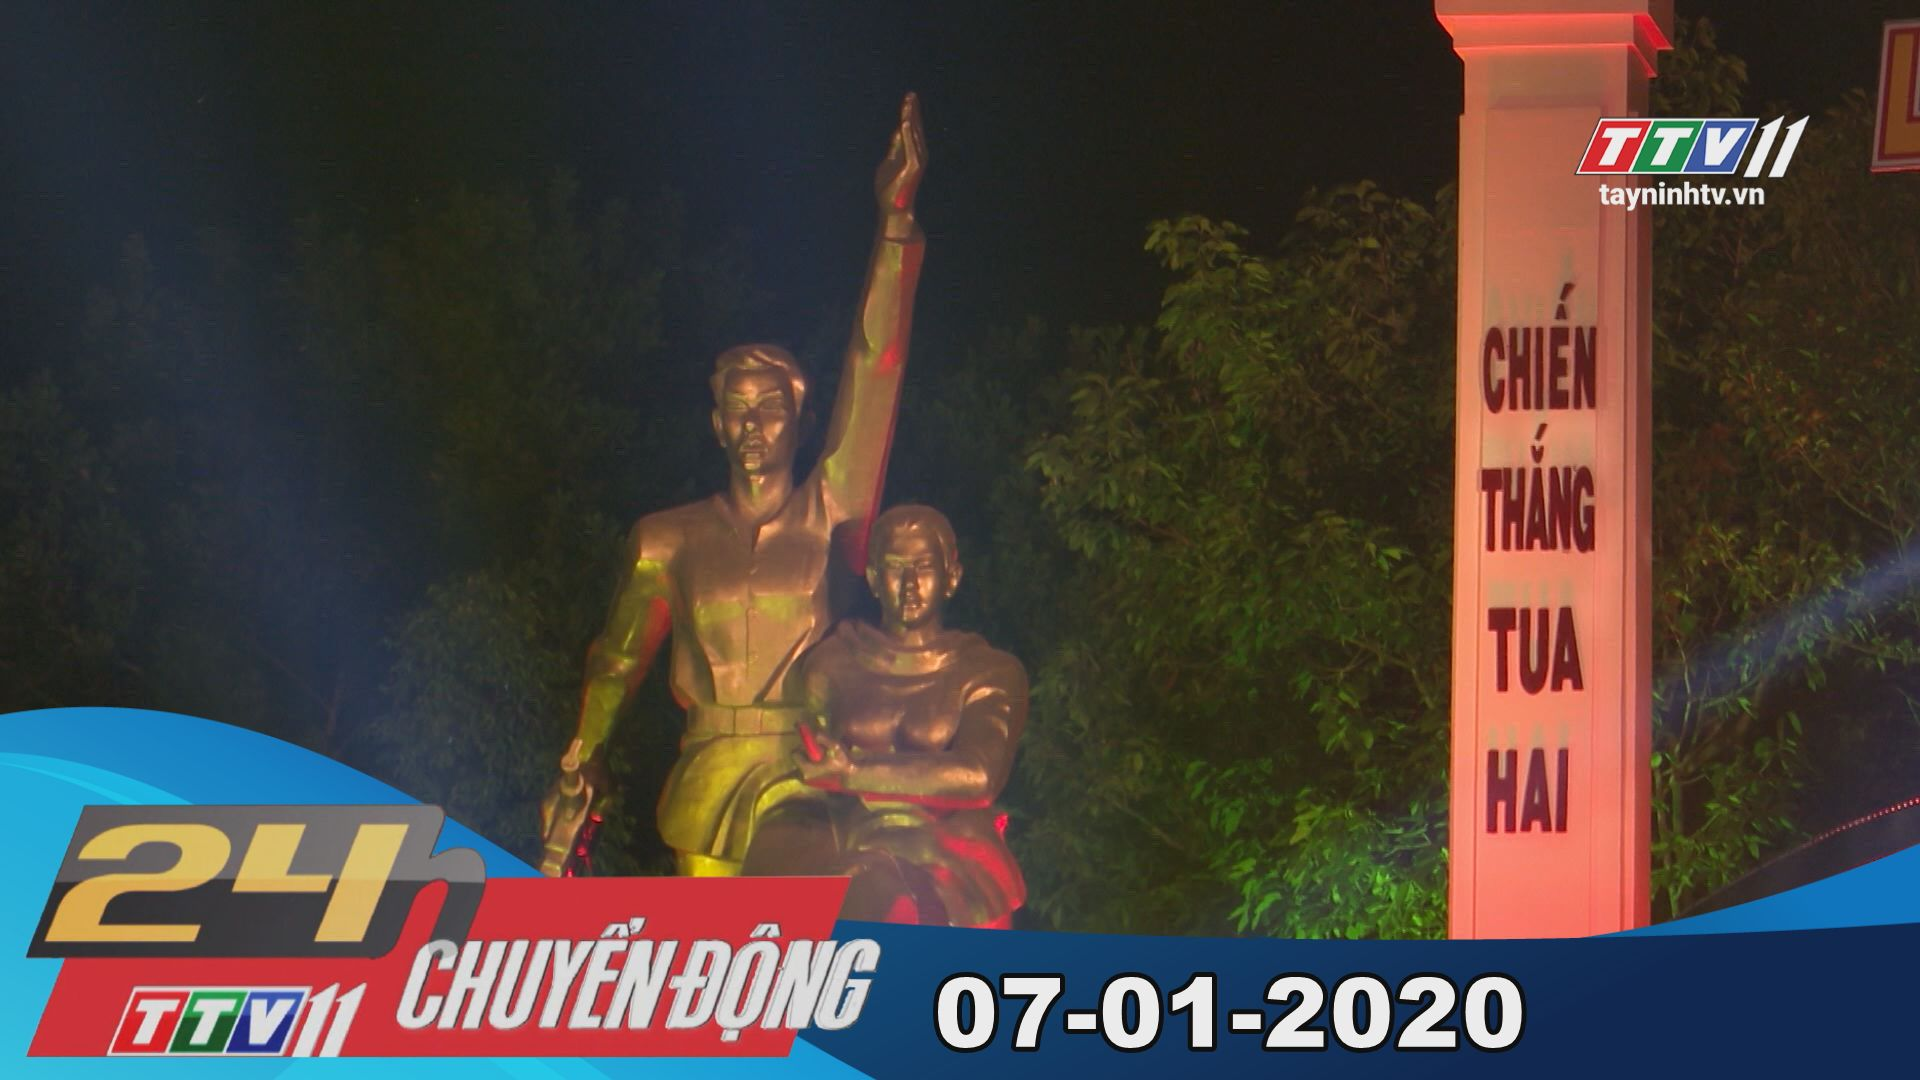 24h Chuyển động 07-01-2020 | Tin tức hôm nay | TayNinhTV